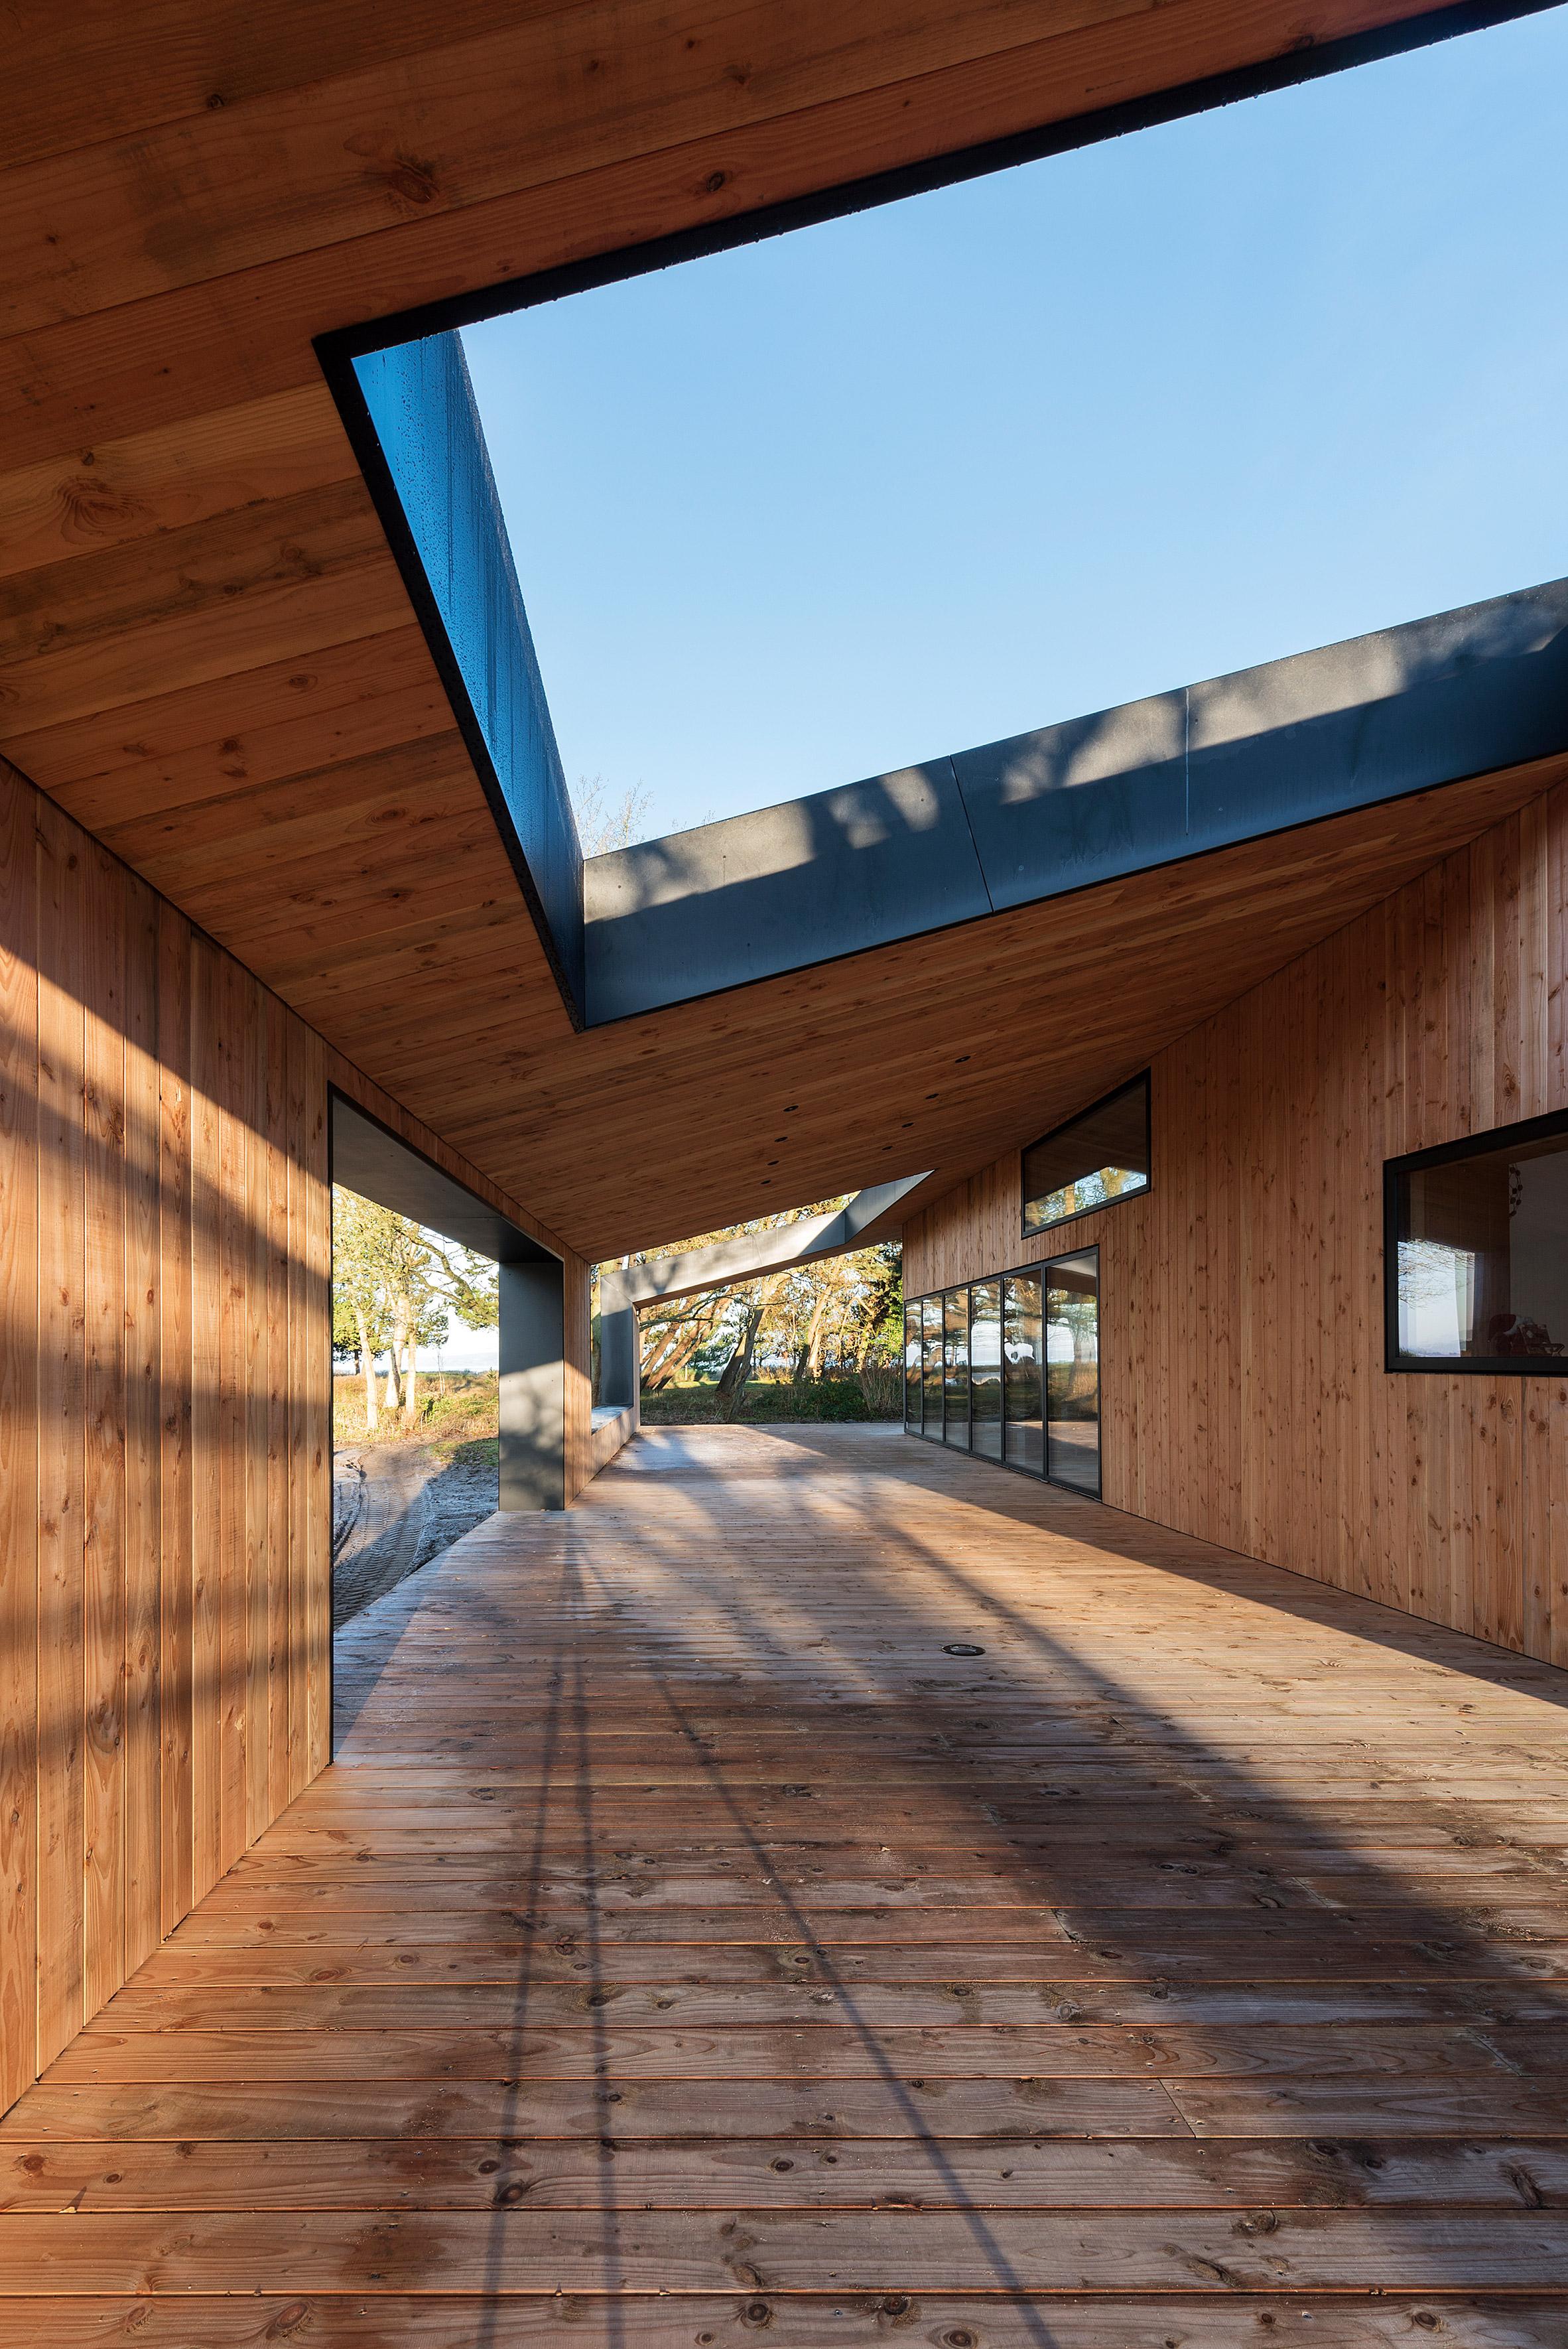 Summerhouse by CEBRA